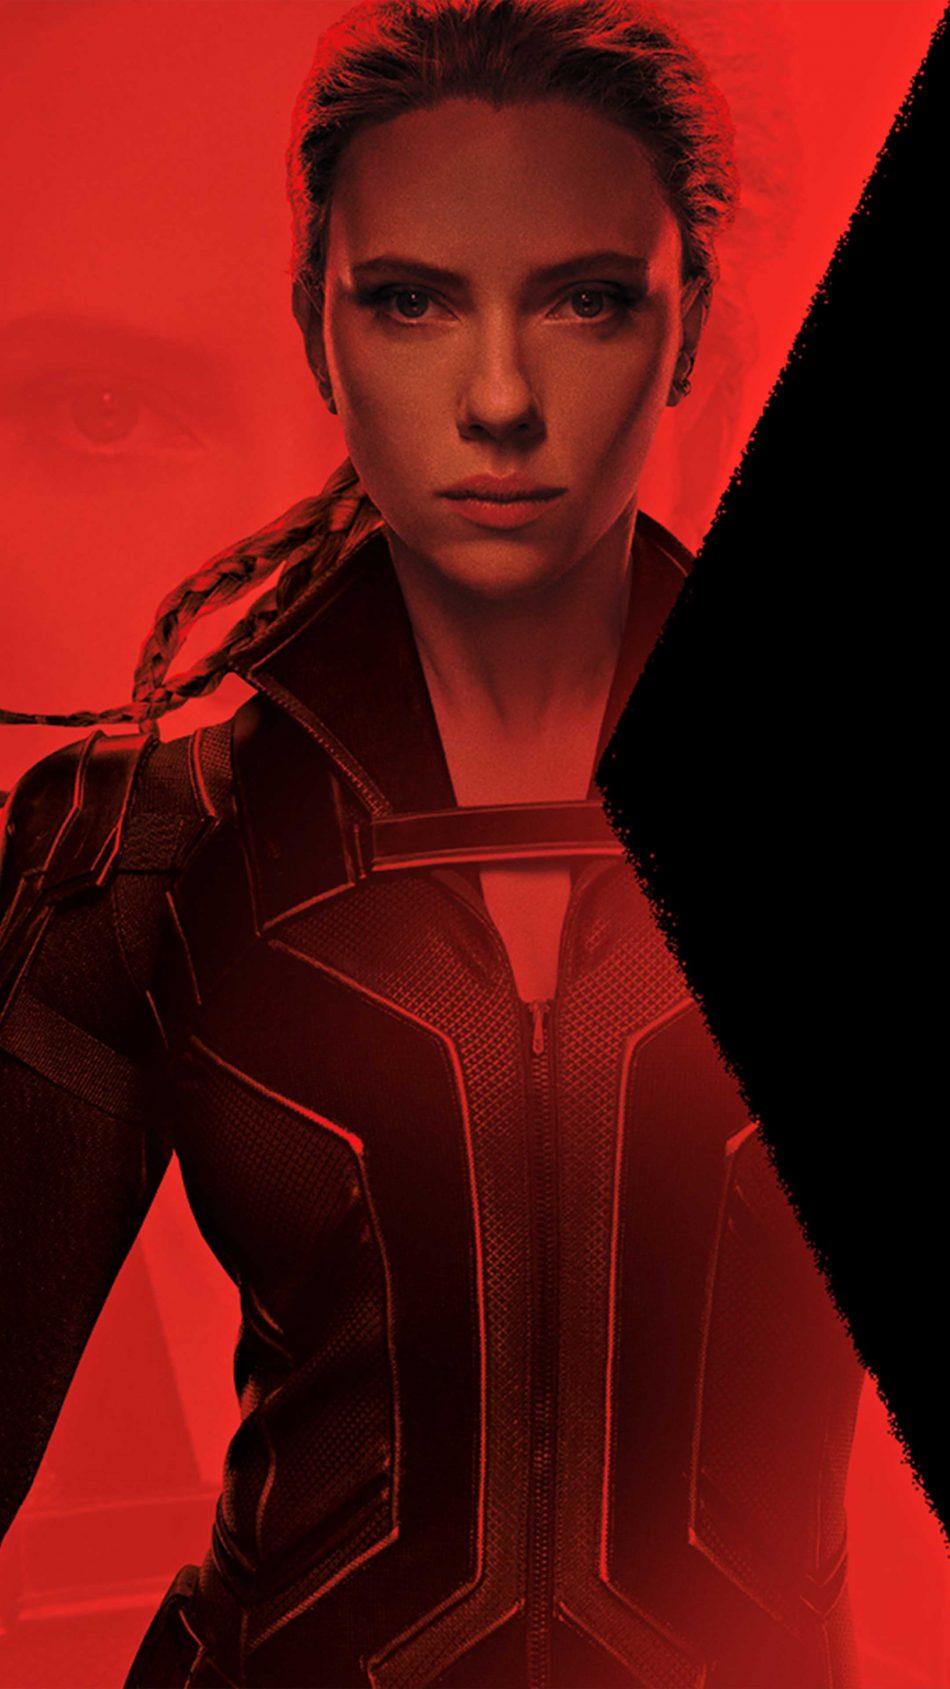 Scarlett Johansson Black Widow 2020 4K Ultra HD Mobile Wallpaper